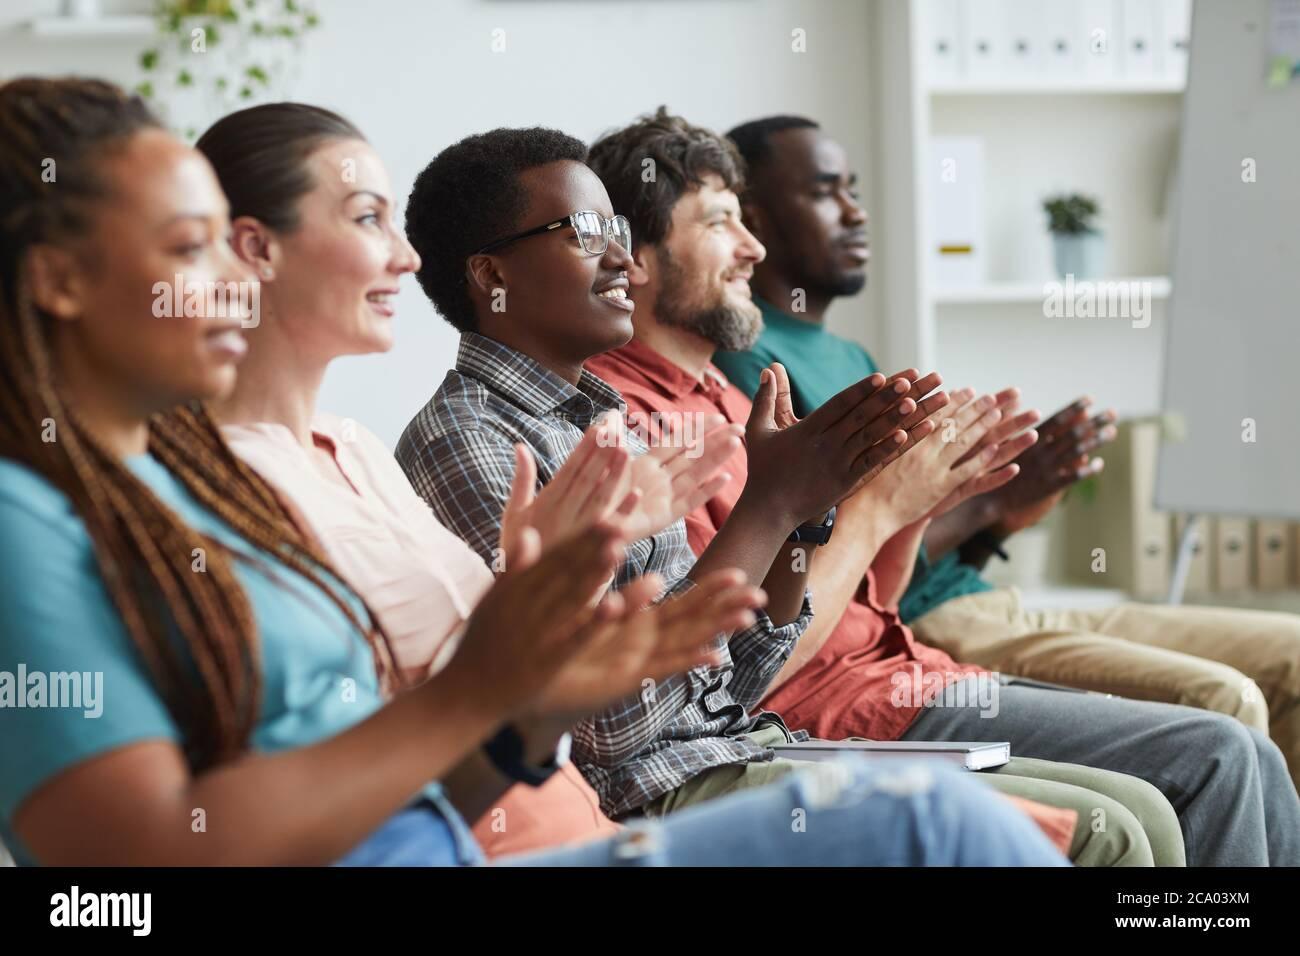 Seitenansicht Porträt einer multiethnischen Gruppe von Menschen applaudieren, während in Reihe sitzen im Publikum oder Konferenzraum, kopieren Raum Stockfoto